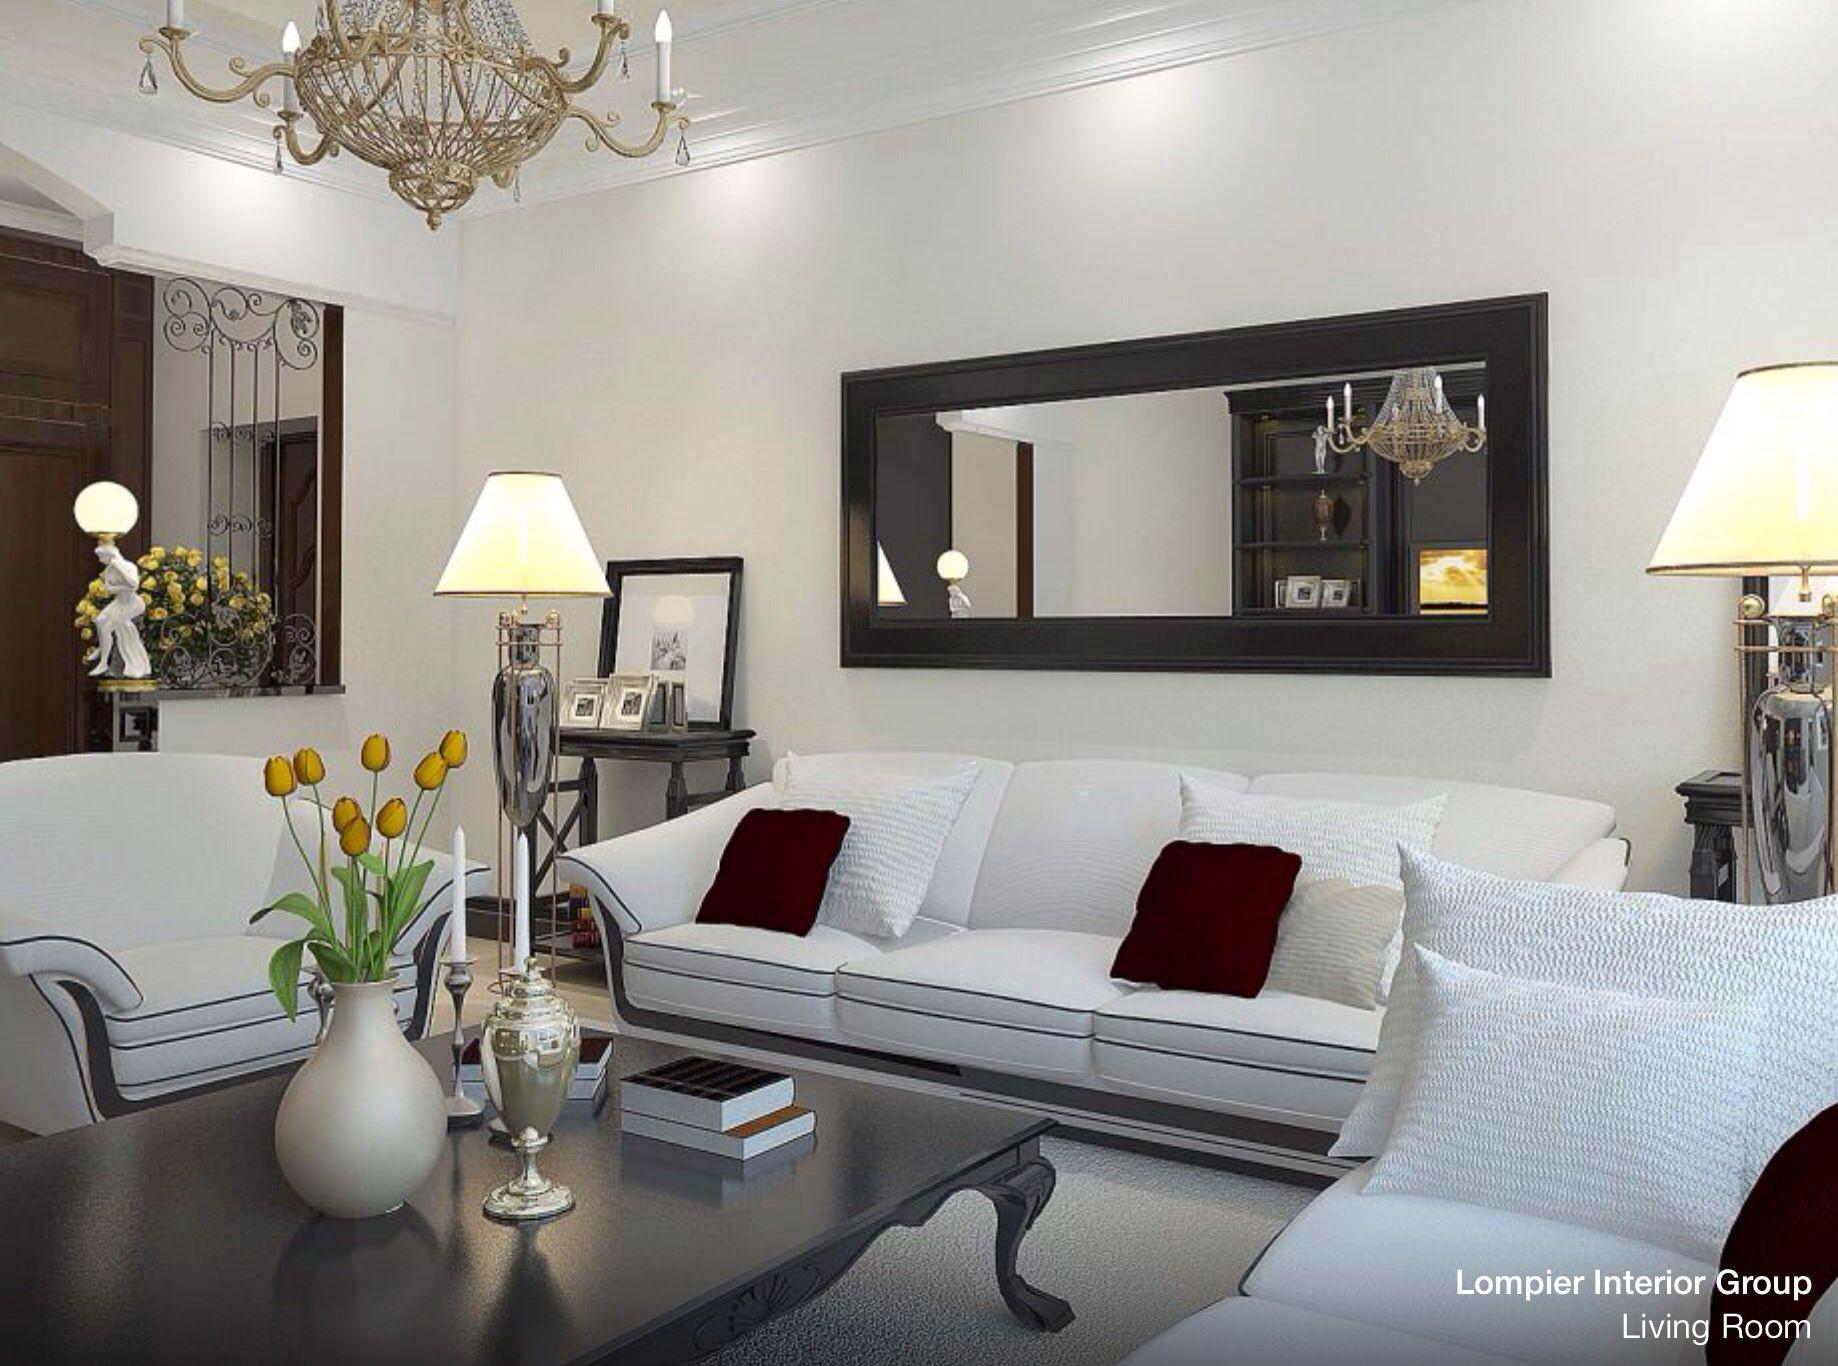 Custom Framed Mirror Living Room Mirrors Mirror Wall Living Room Wall Decor Living Room #small #living #room #mirror